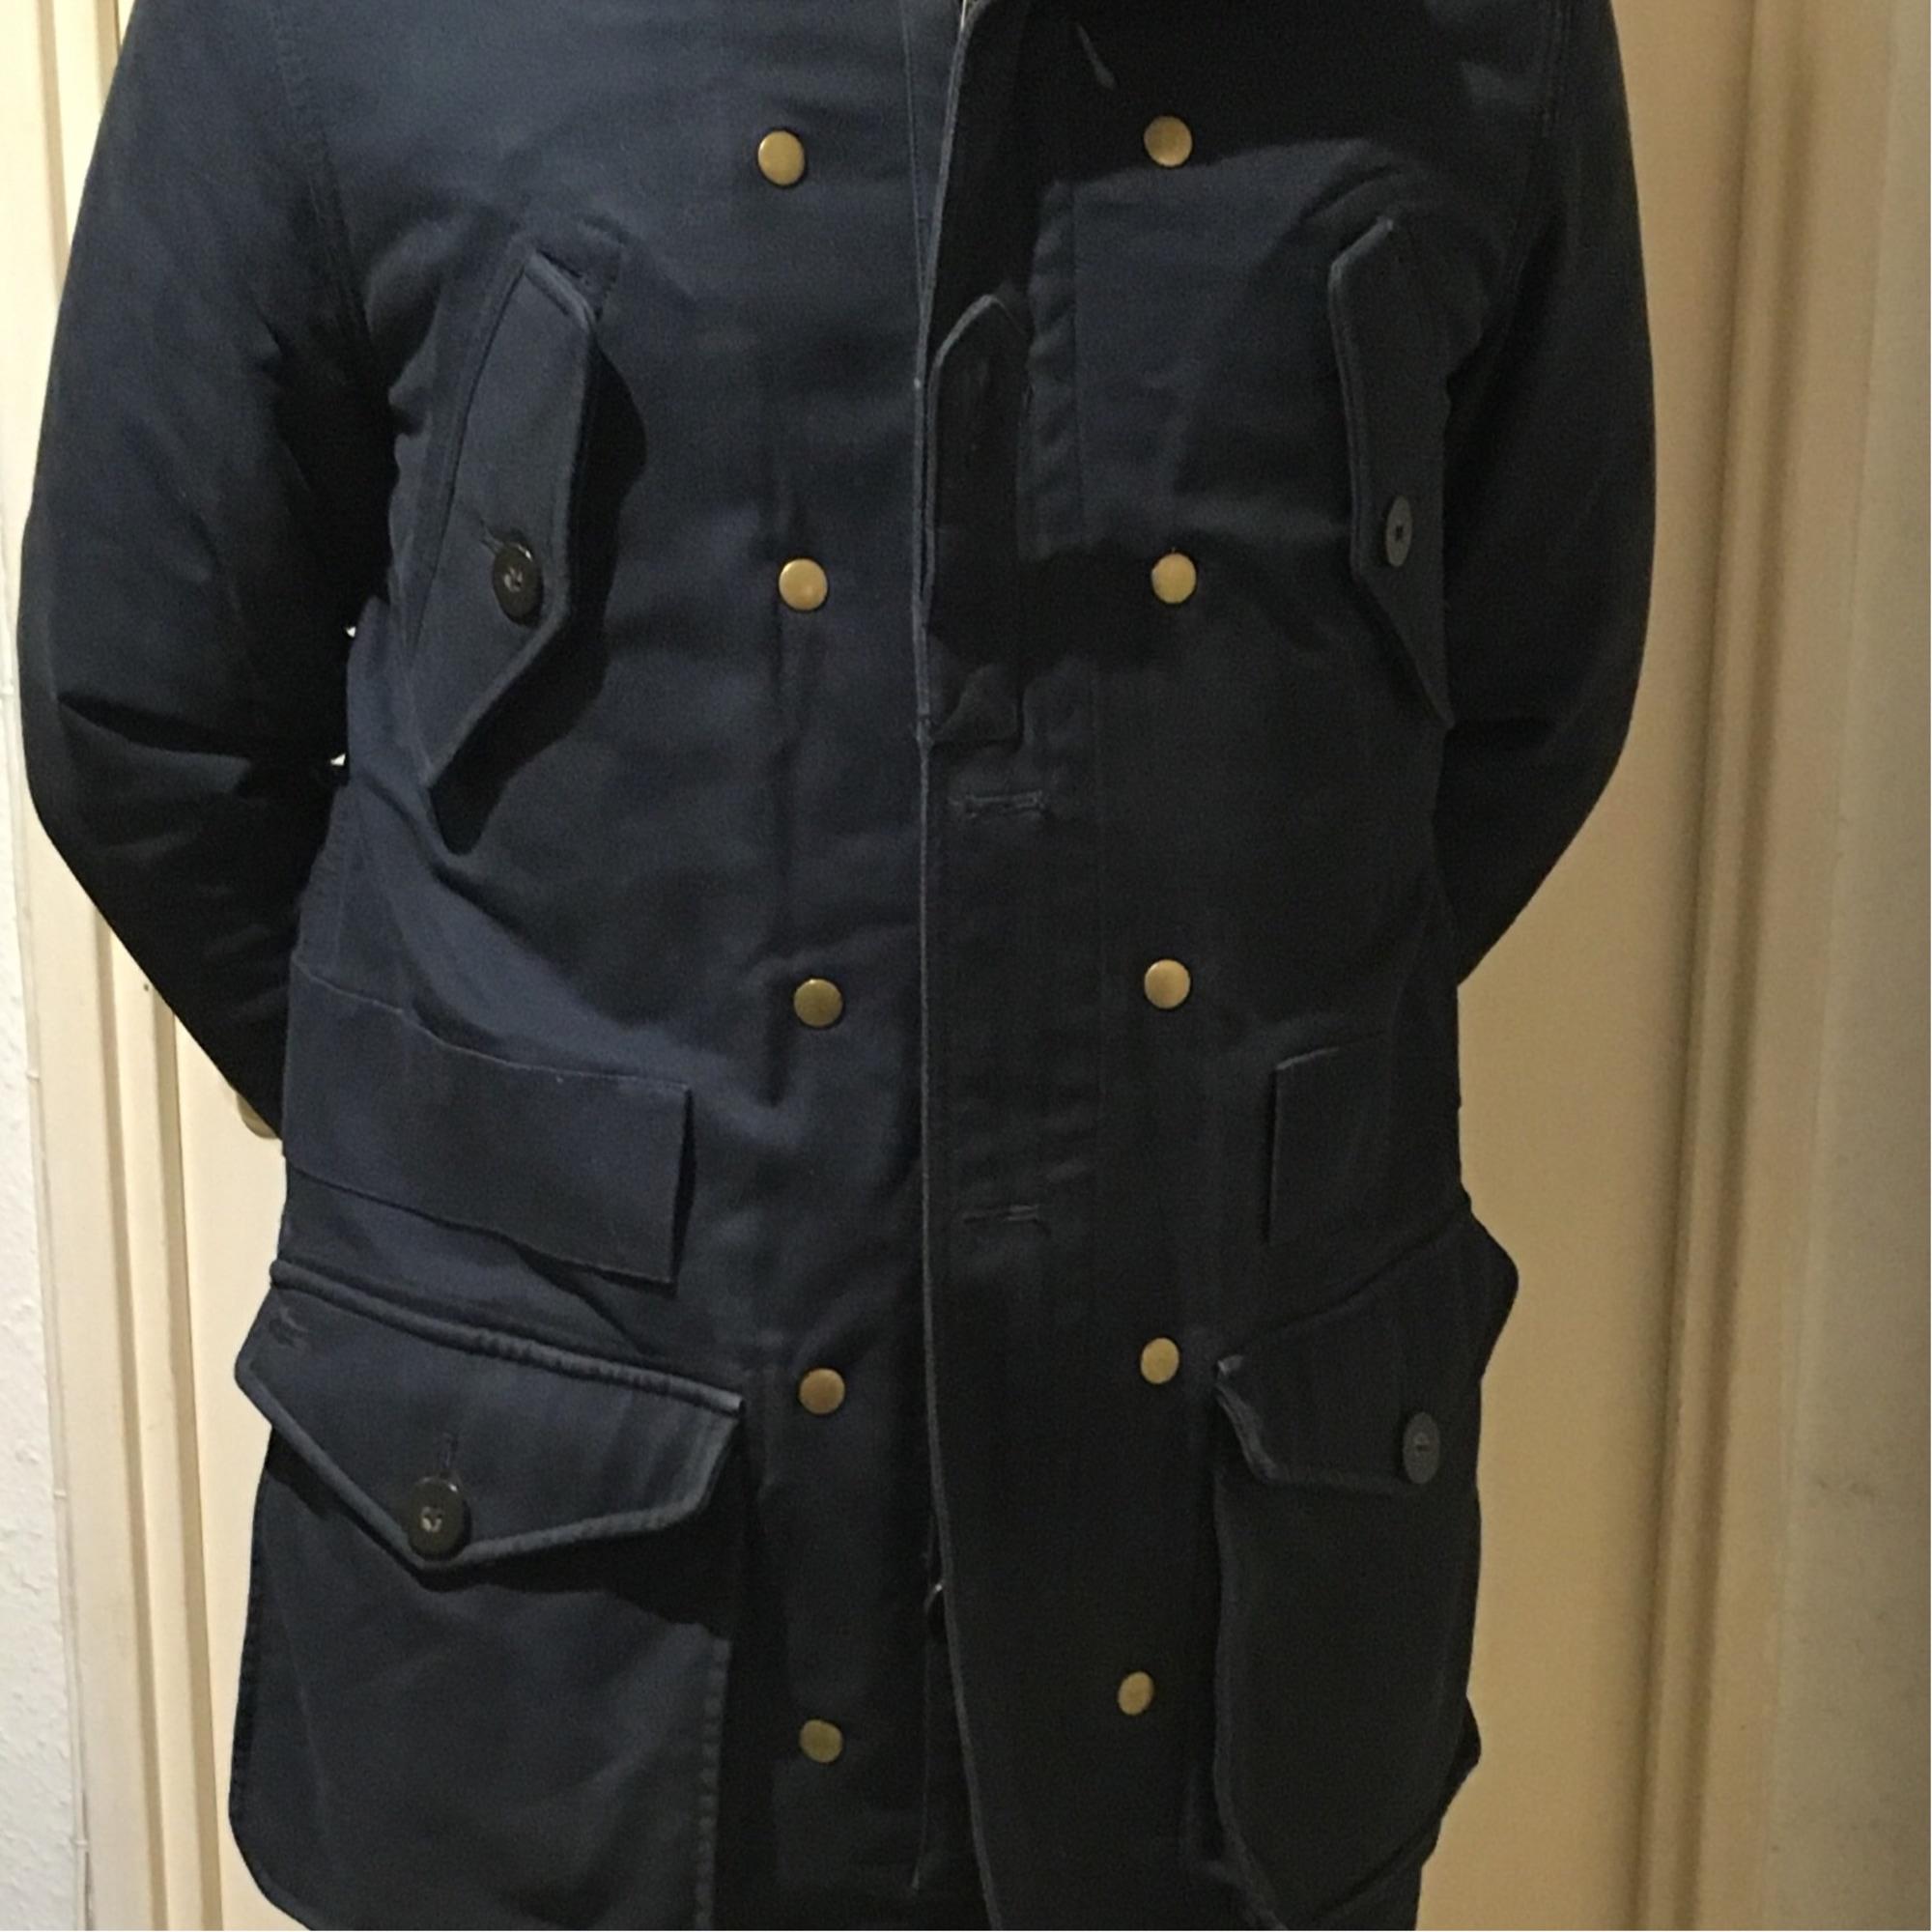 manteau lacoste